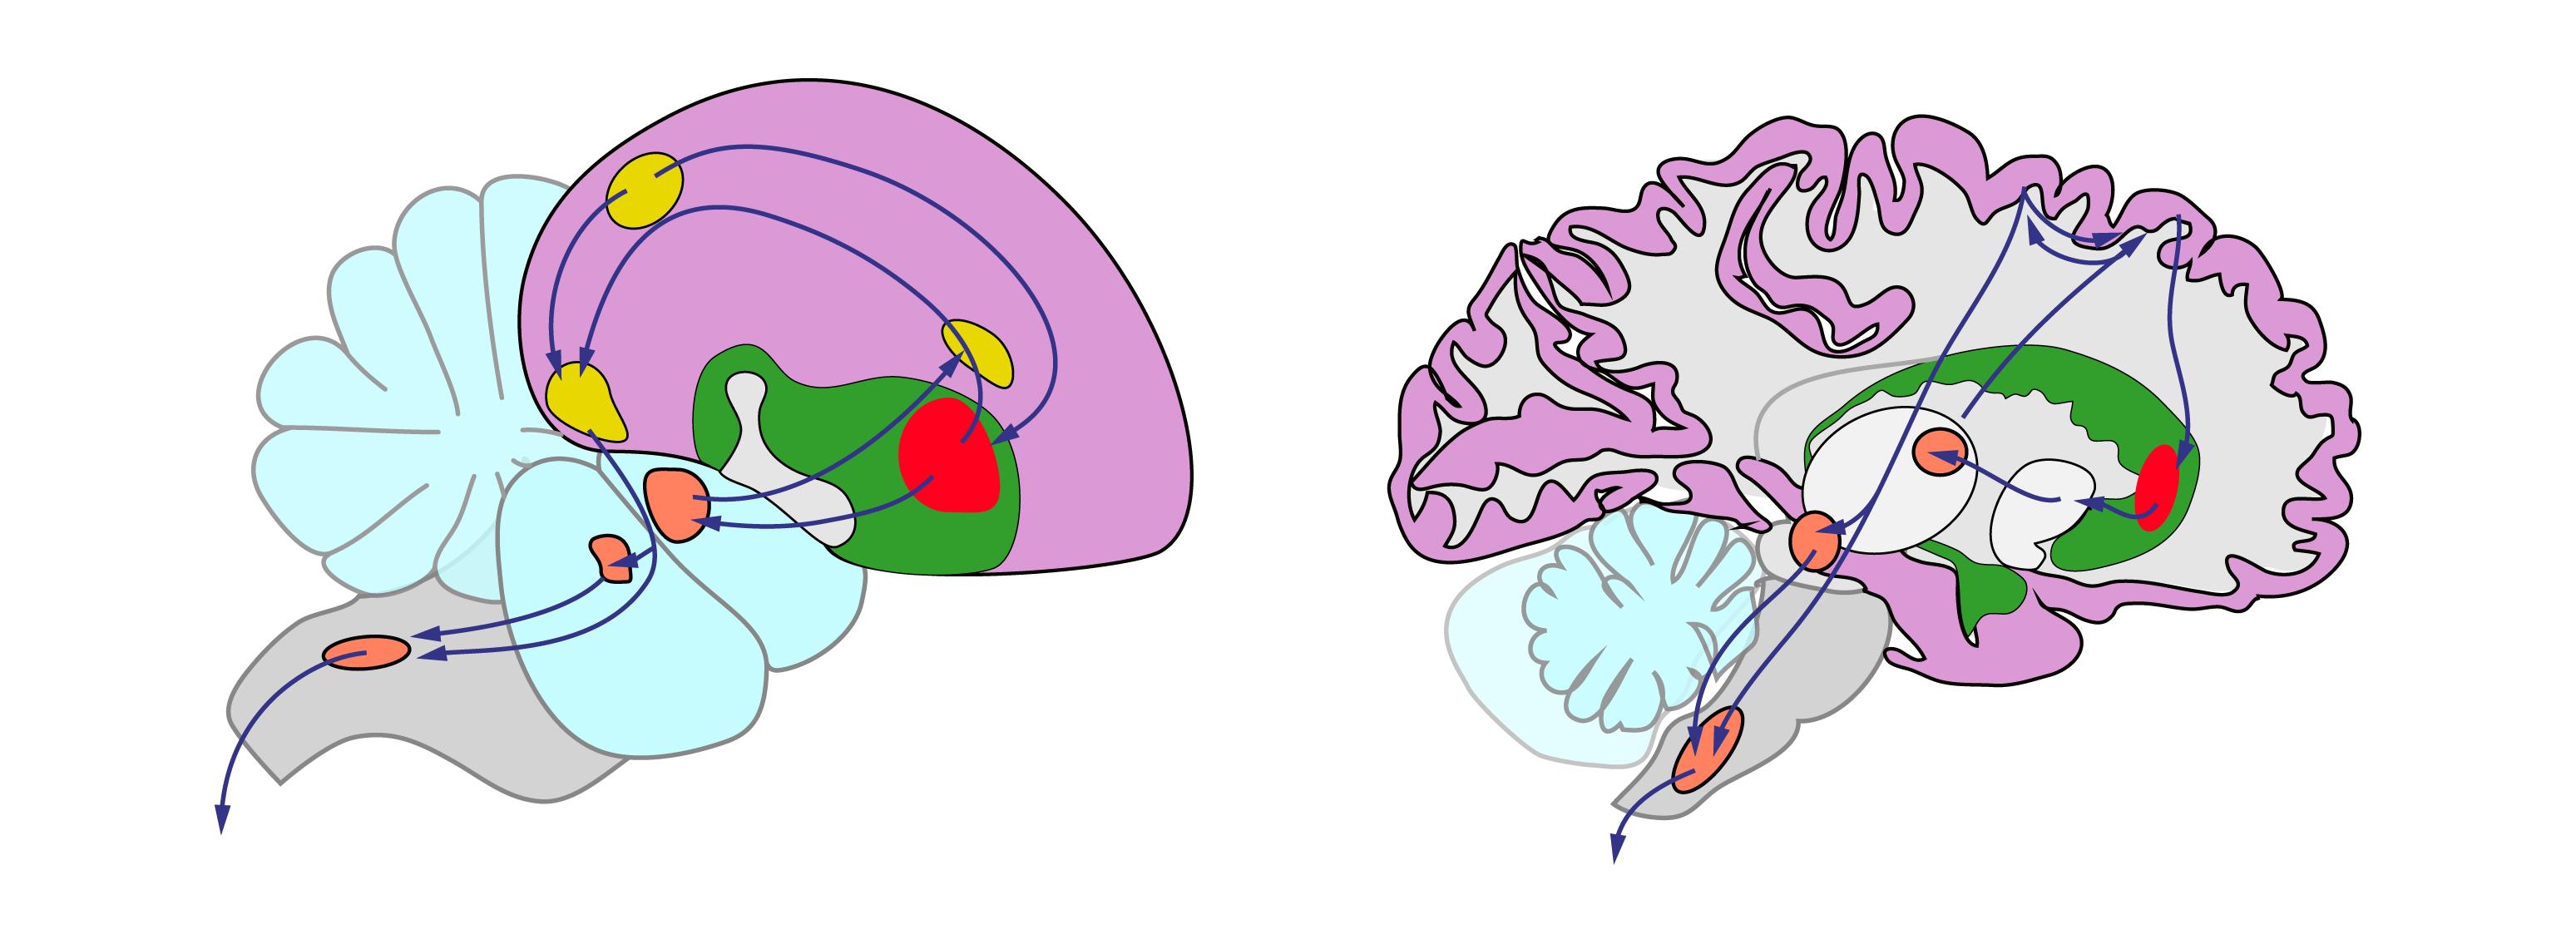 図6.小鳥とヒトの脳。大脳皮質や基底核などの領域は似た遺伝子の発現と神経の回路構造を持つ。 Pfenning, A.R.,ら(2014)の論文から改変